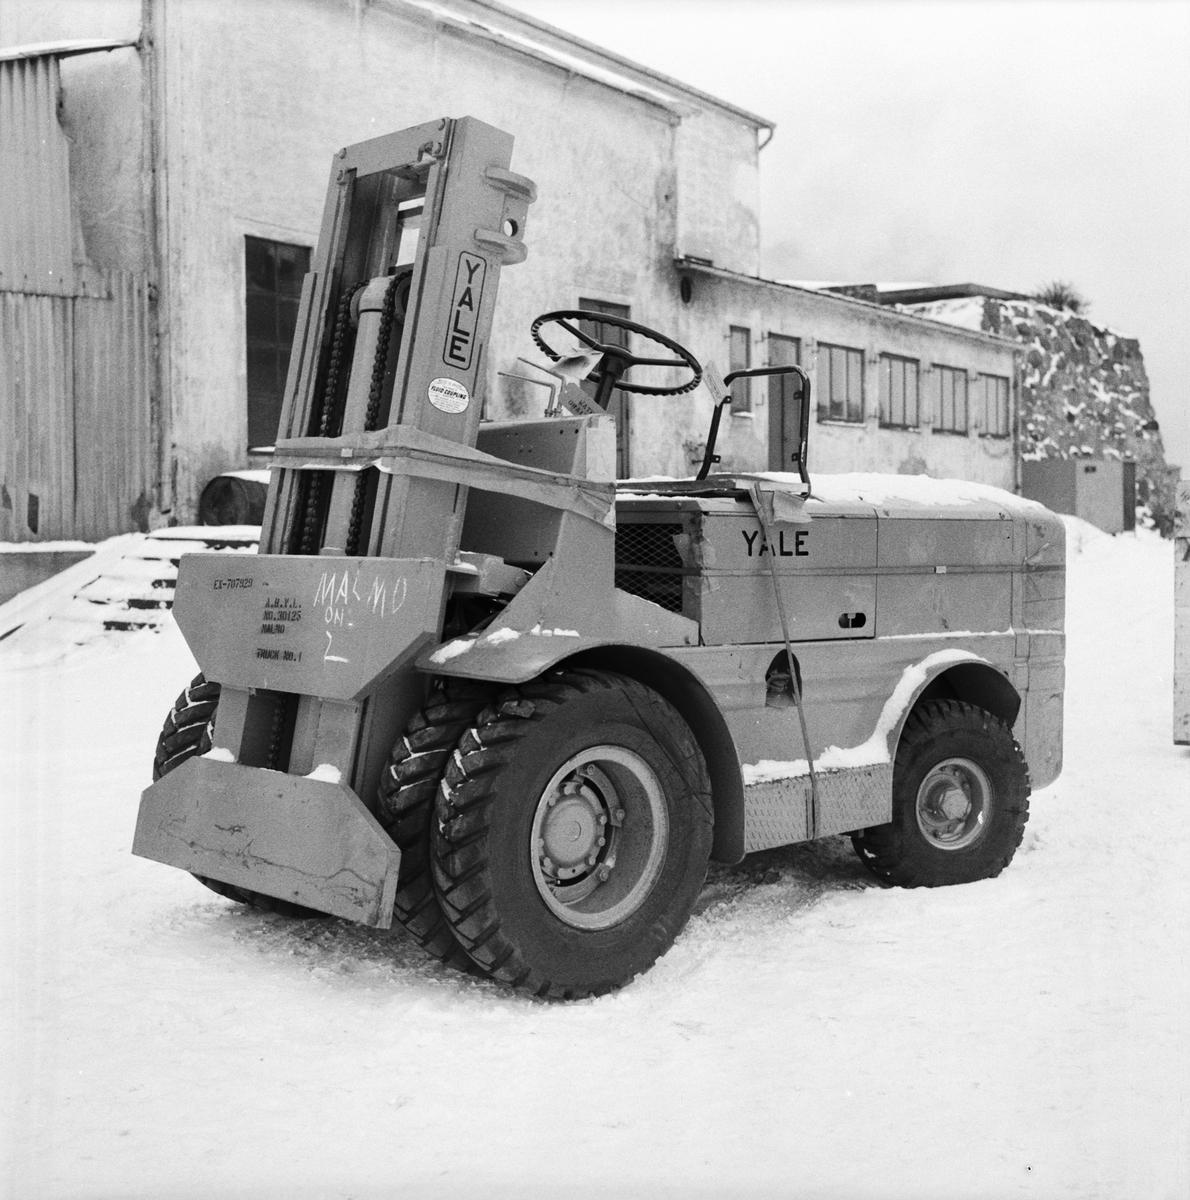 Övrigt: Foto datum: 3/2 1956 Byggnader och kranar Truck art verkstan